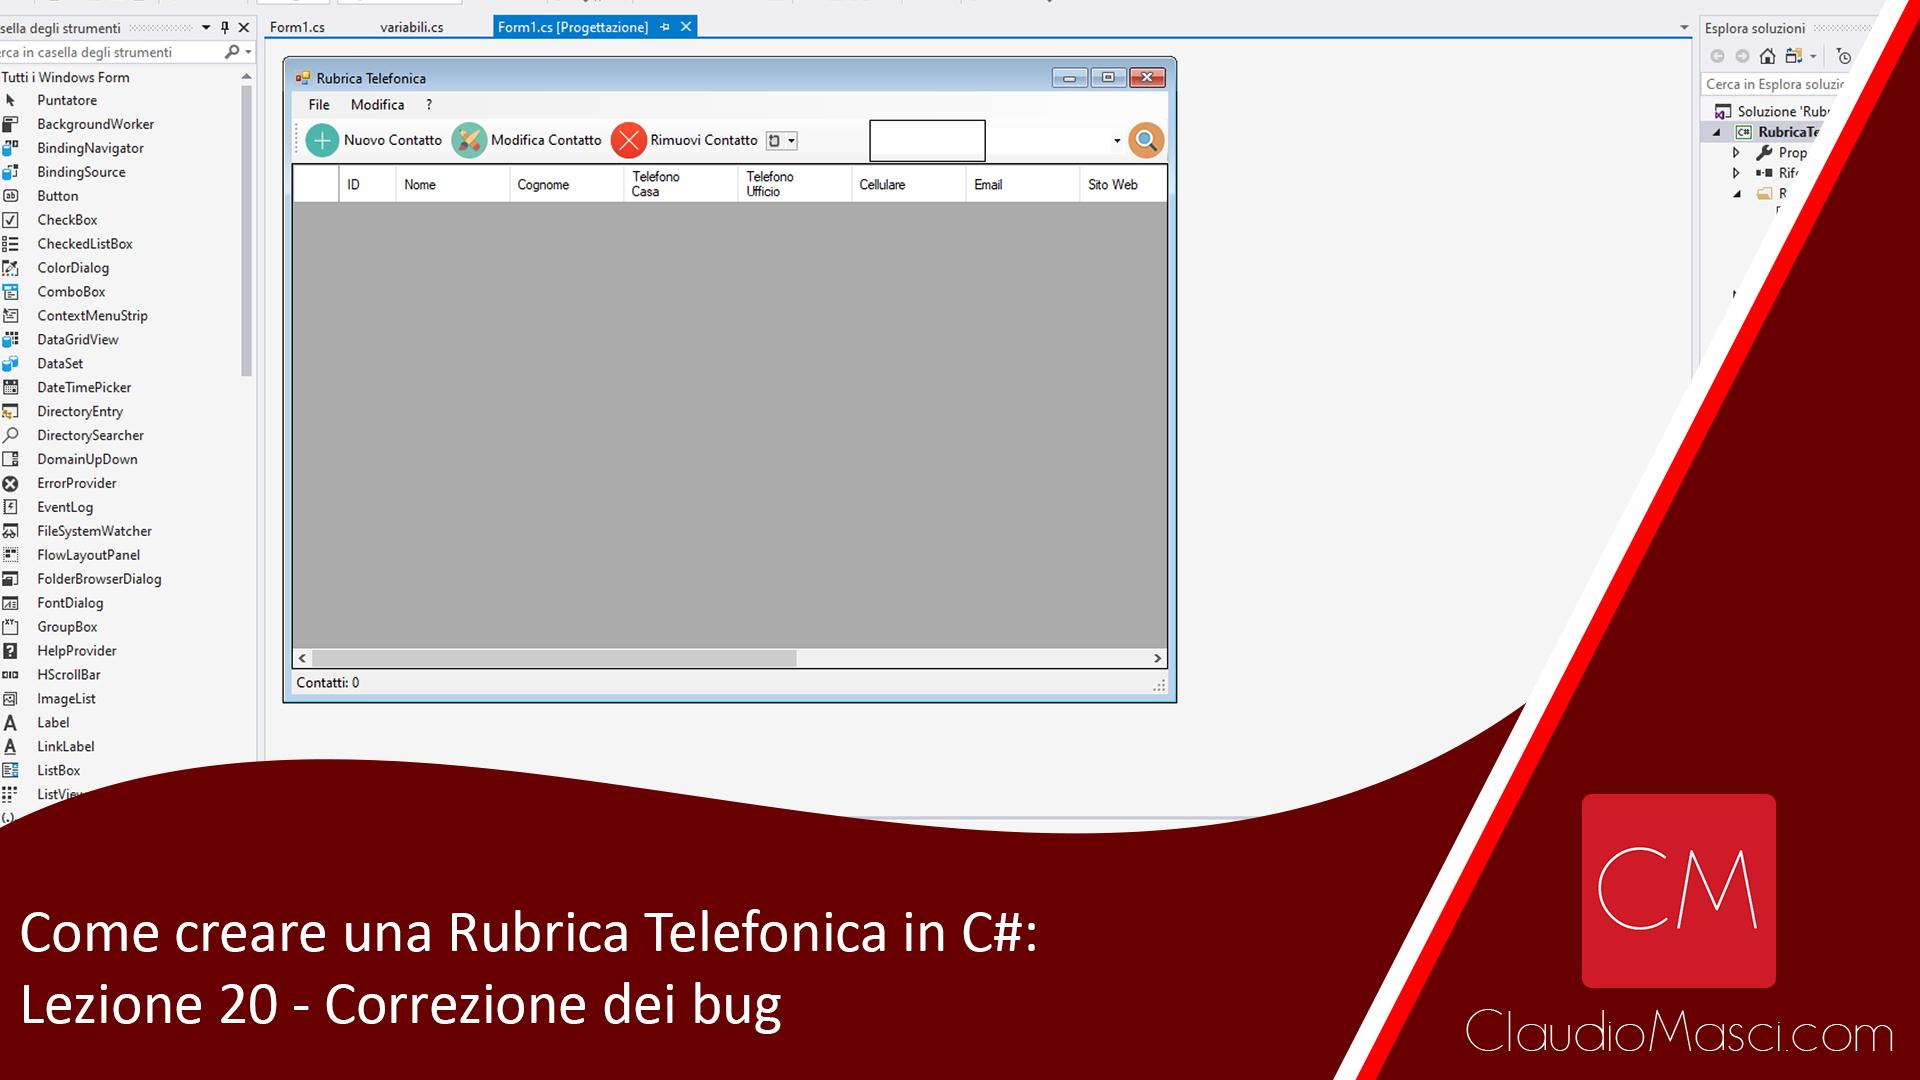 Come creare una Rubrica Telefonica in C# – #20 – Correzione bug